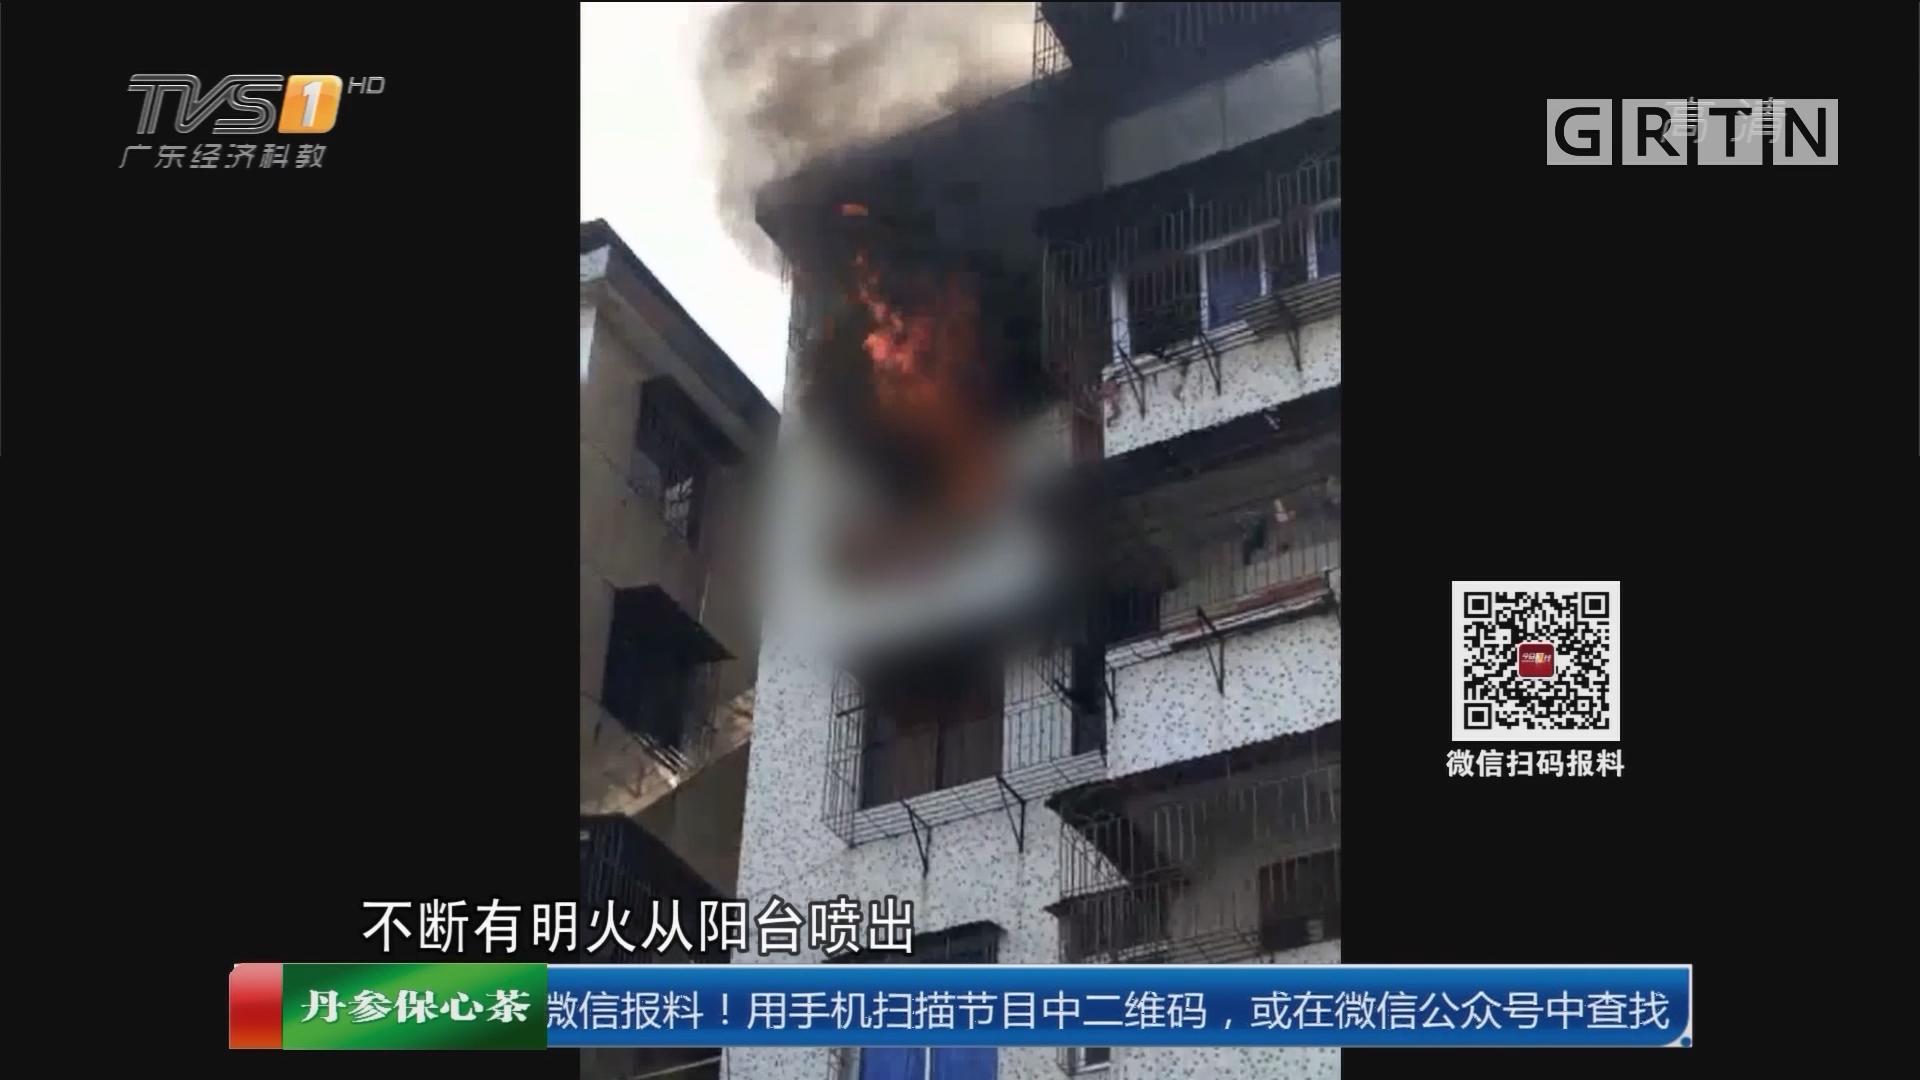 梅州大埔:警方通报 民房突发大火 两居民被困